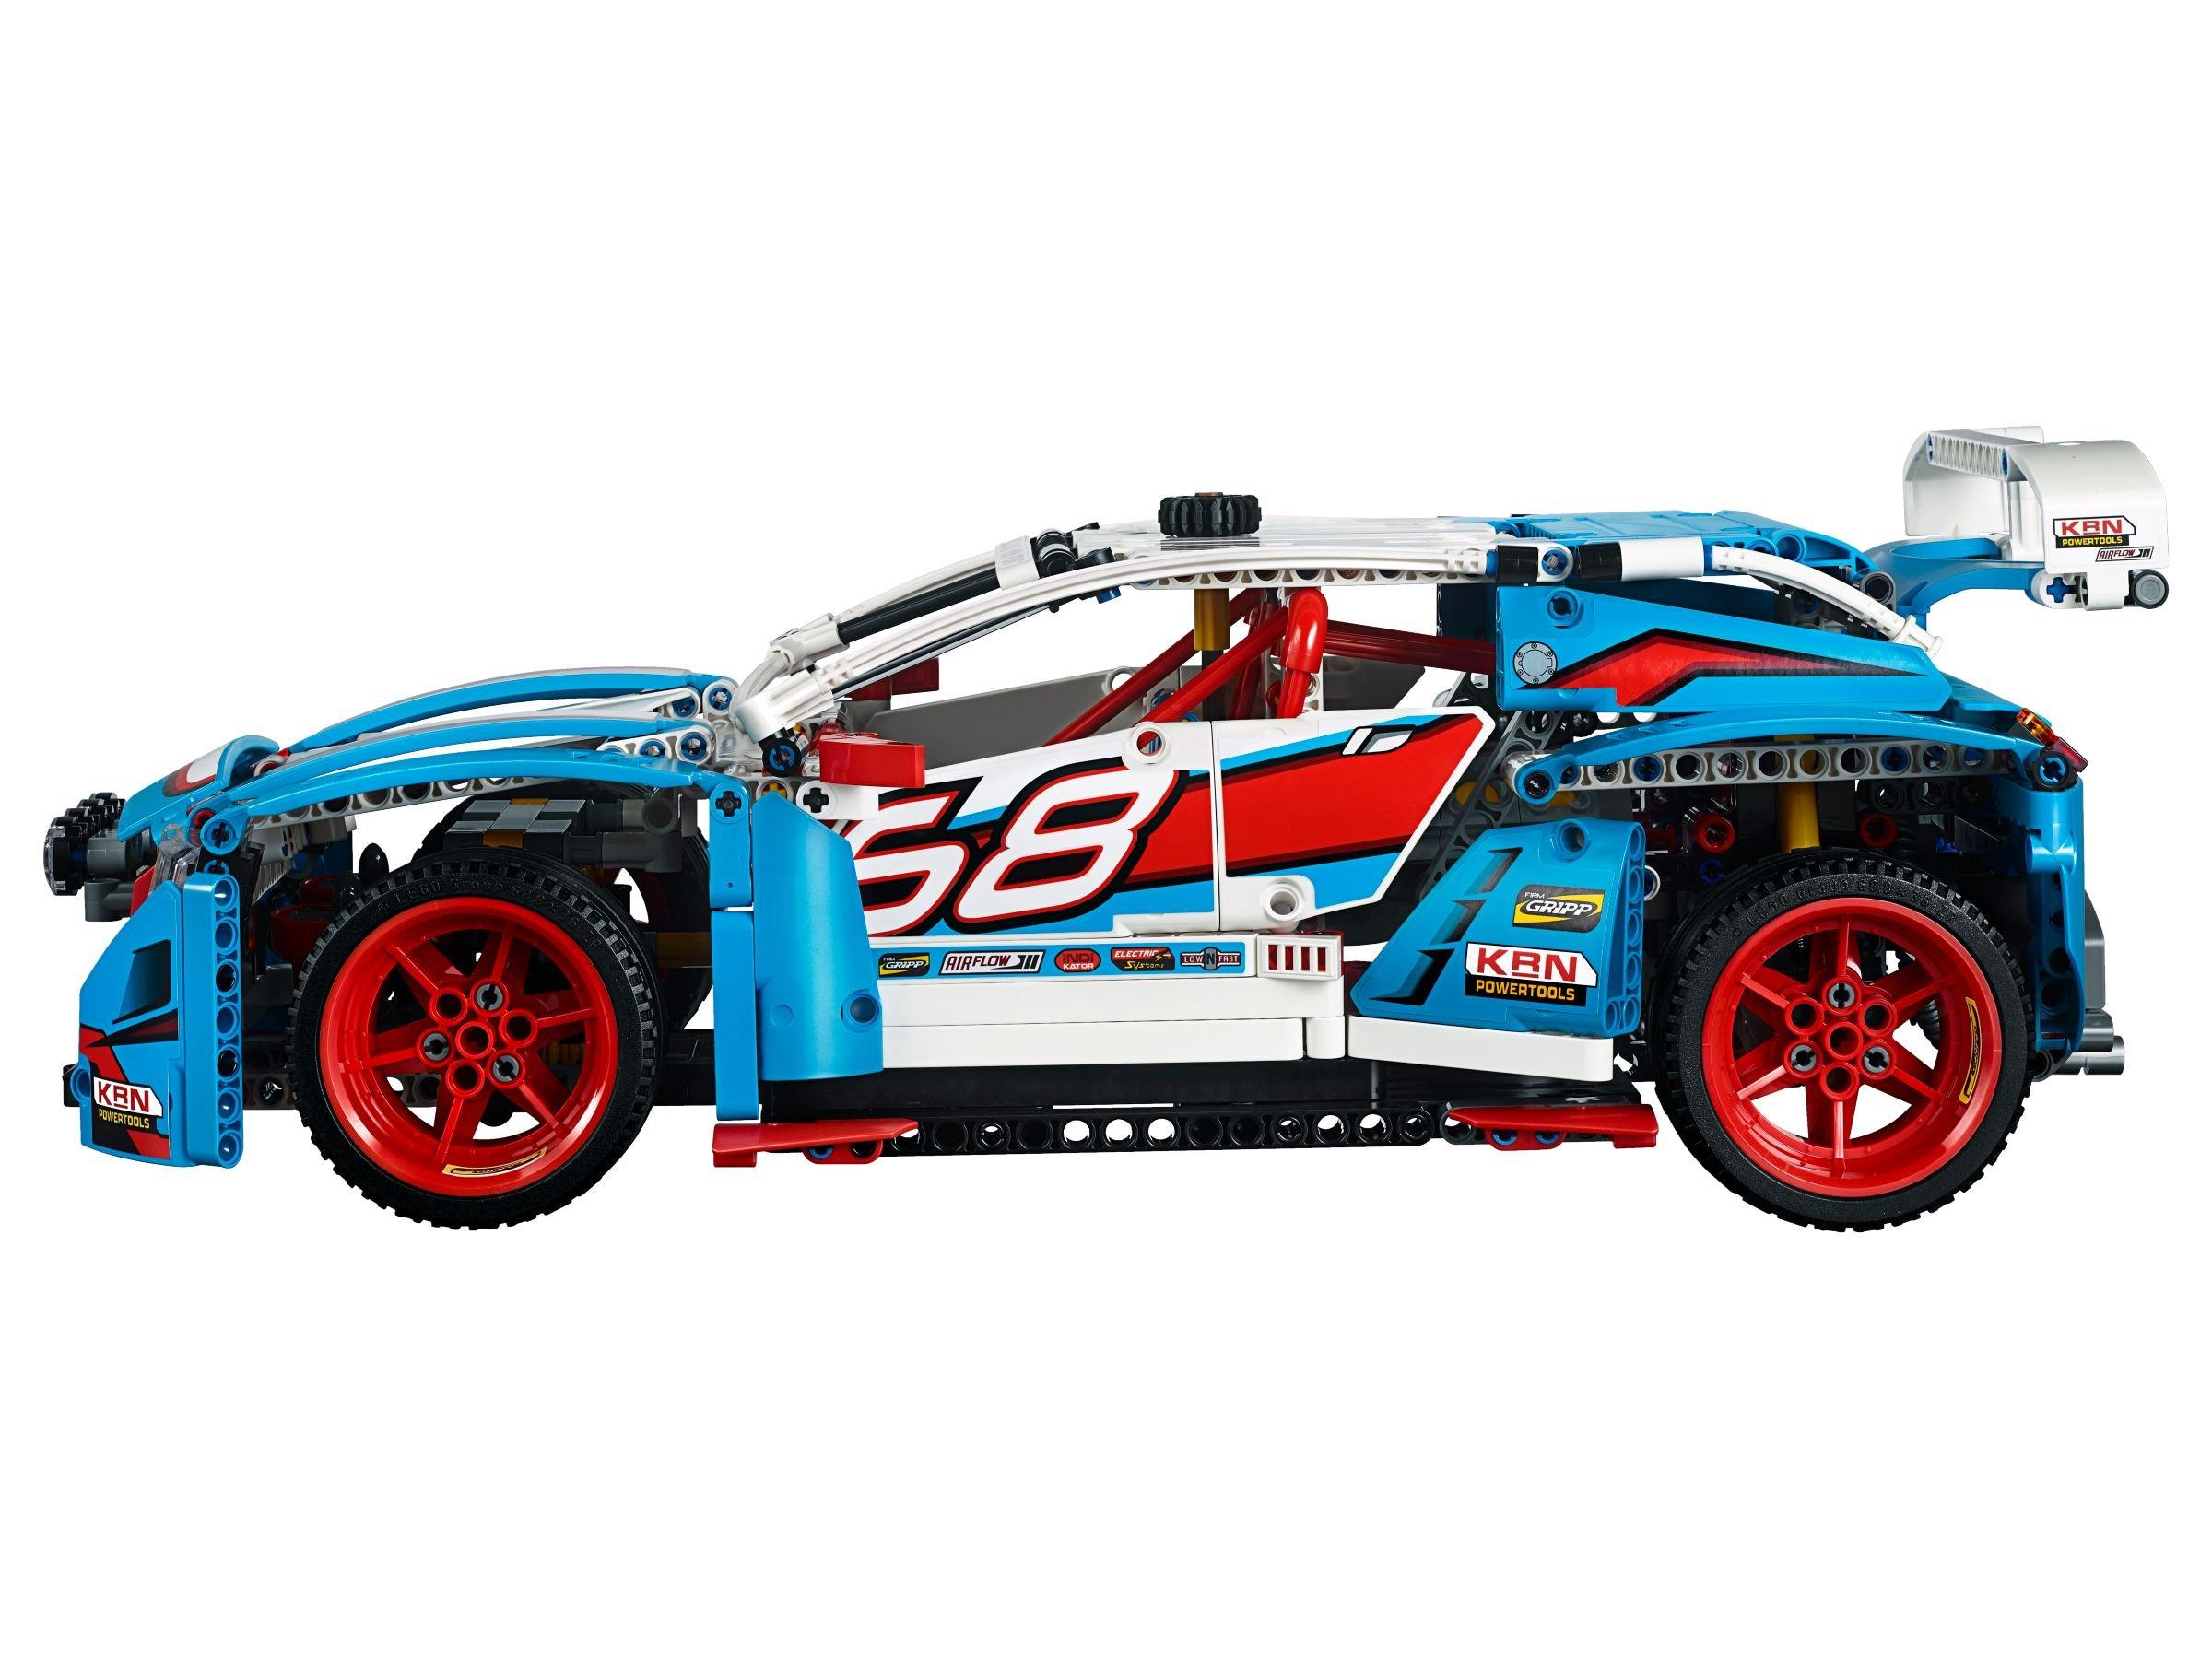 LEGO Technic Rallyeauto LEGO Baukästen & Sets LEGO Bau- & Konstruktionsspielzeug 42077